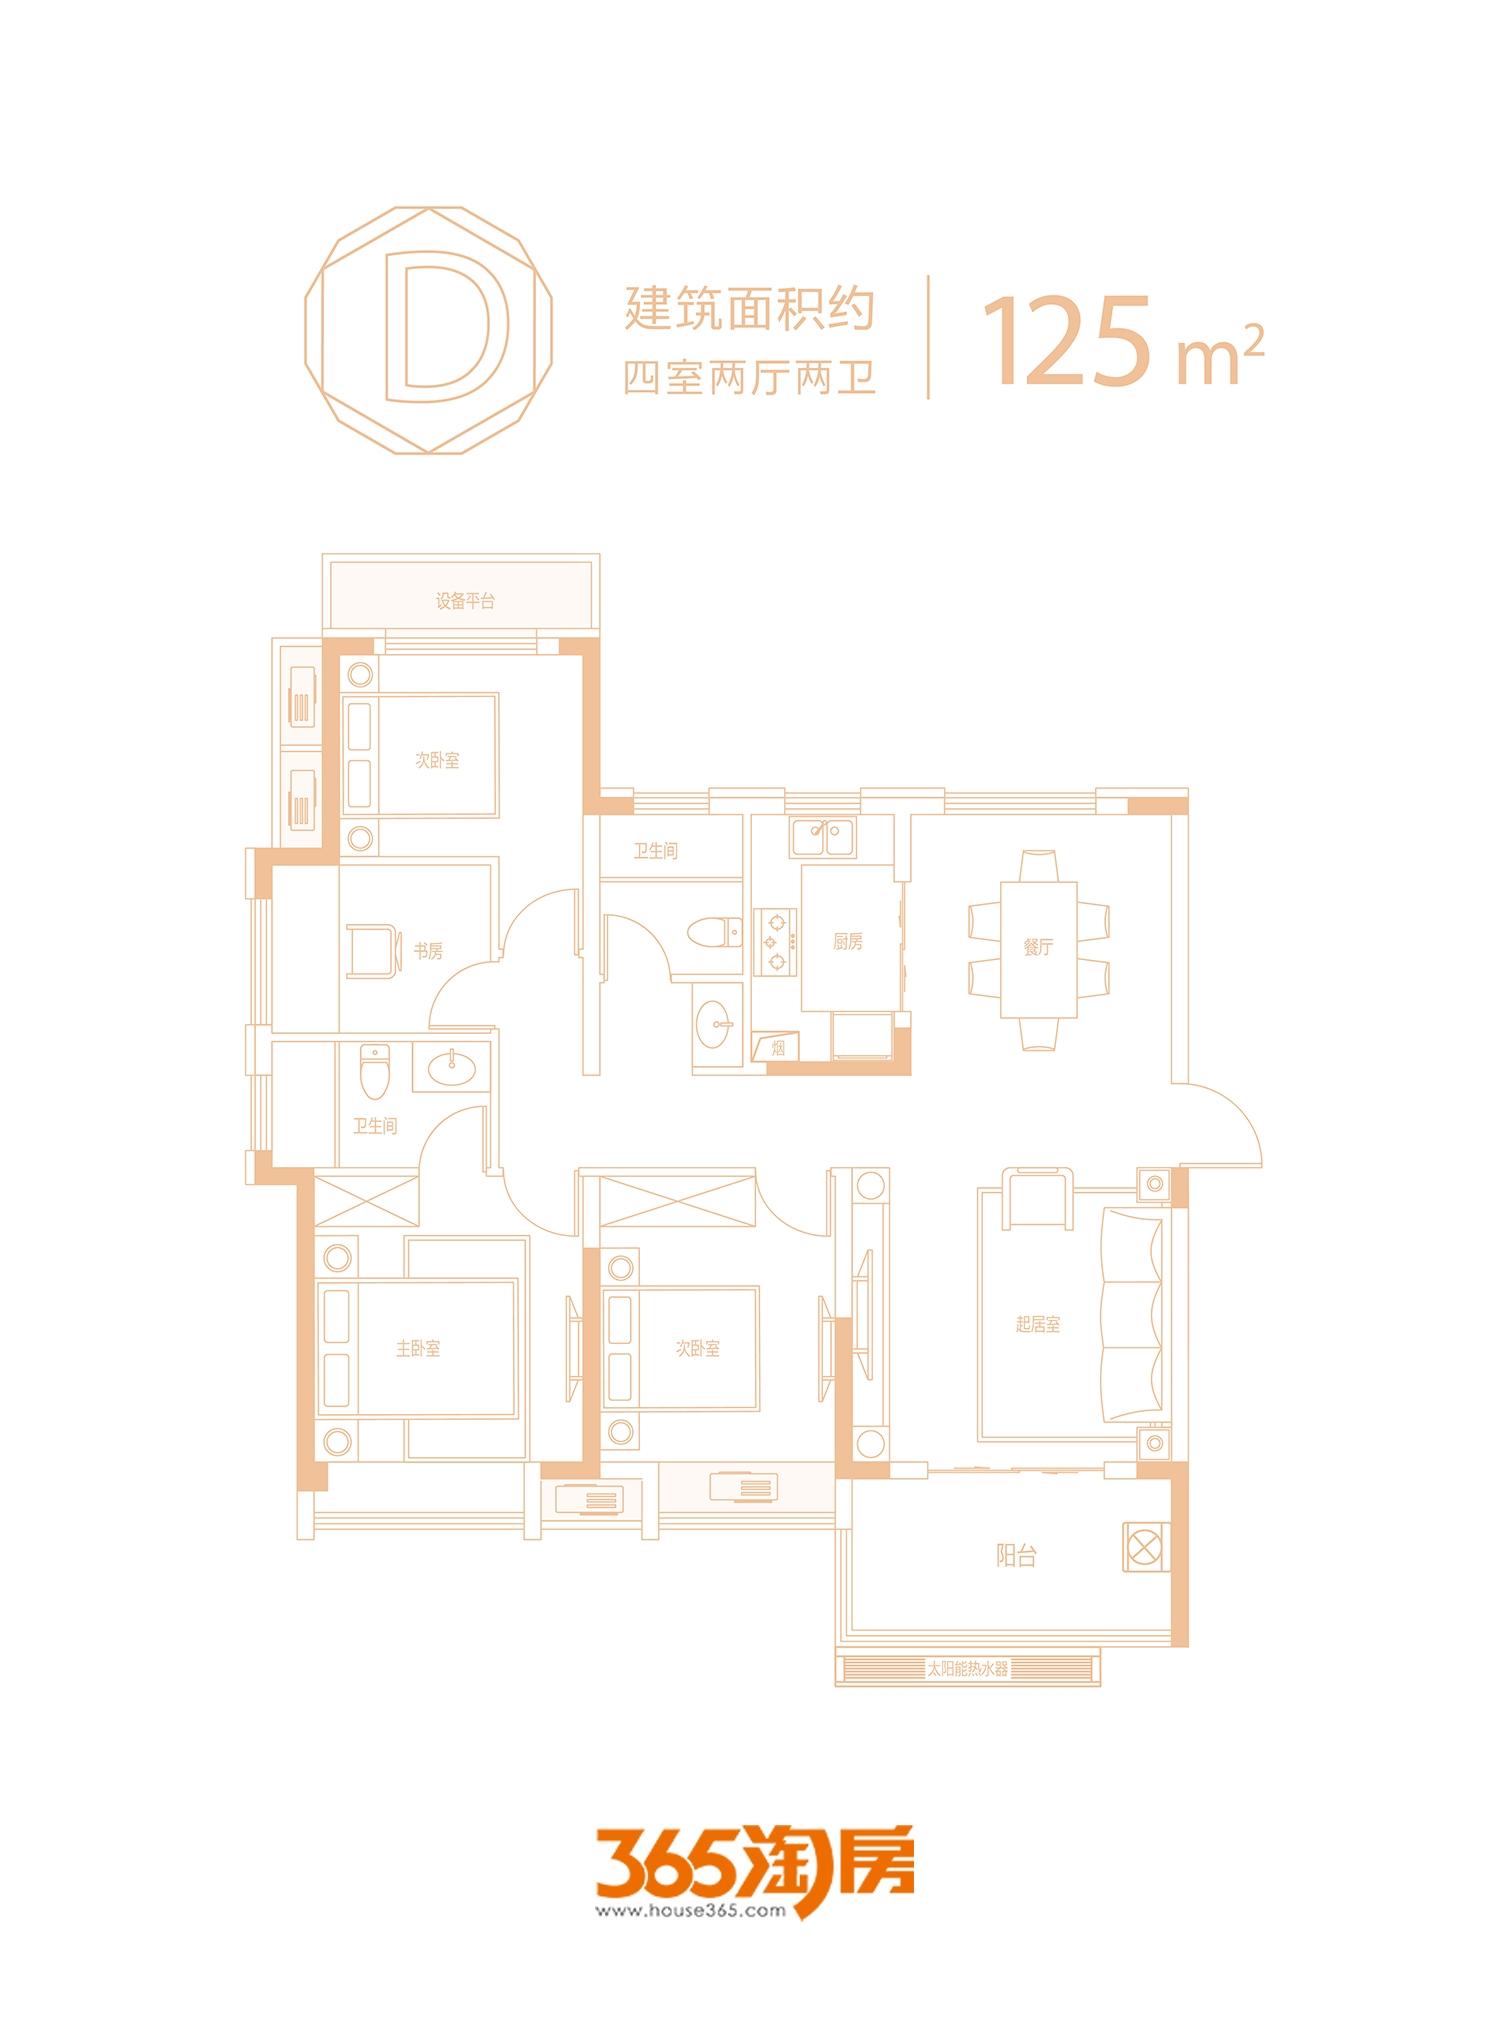 中环庐阳府D125㎡户型图